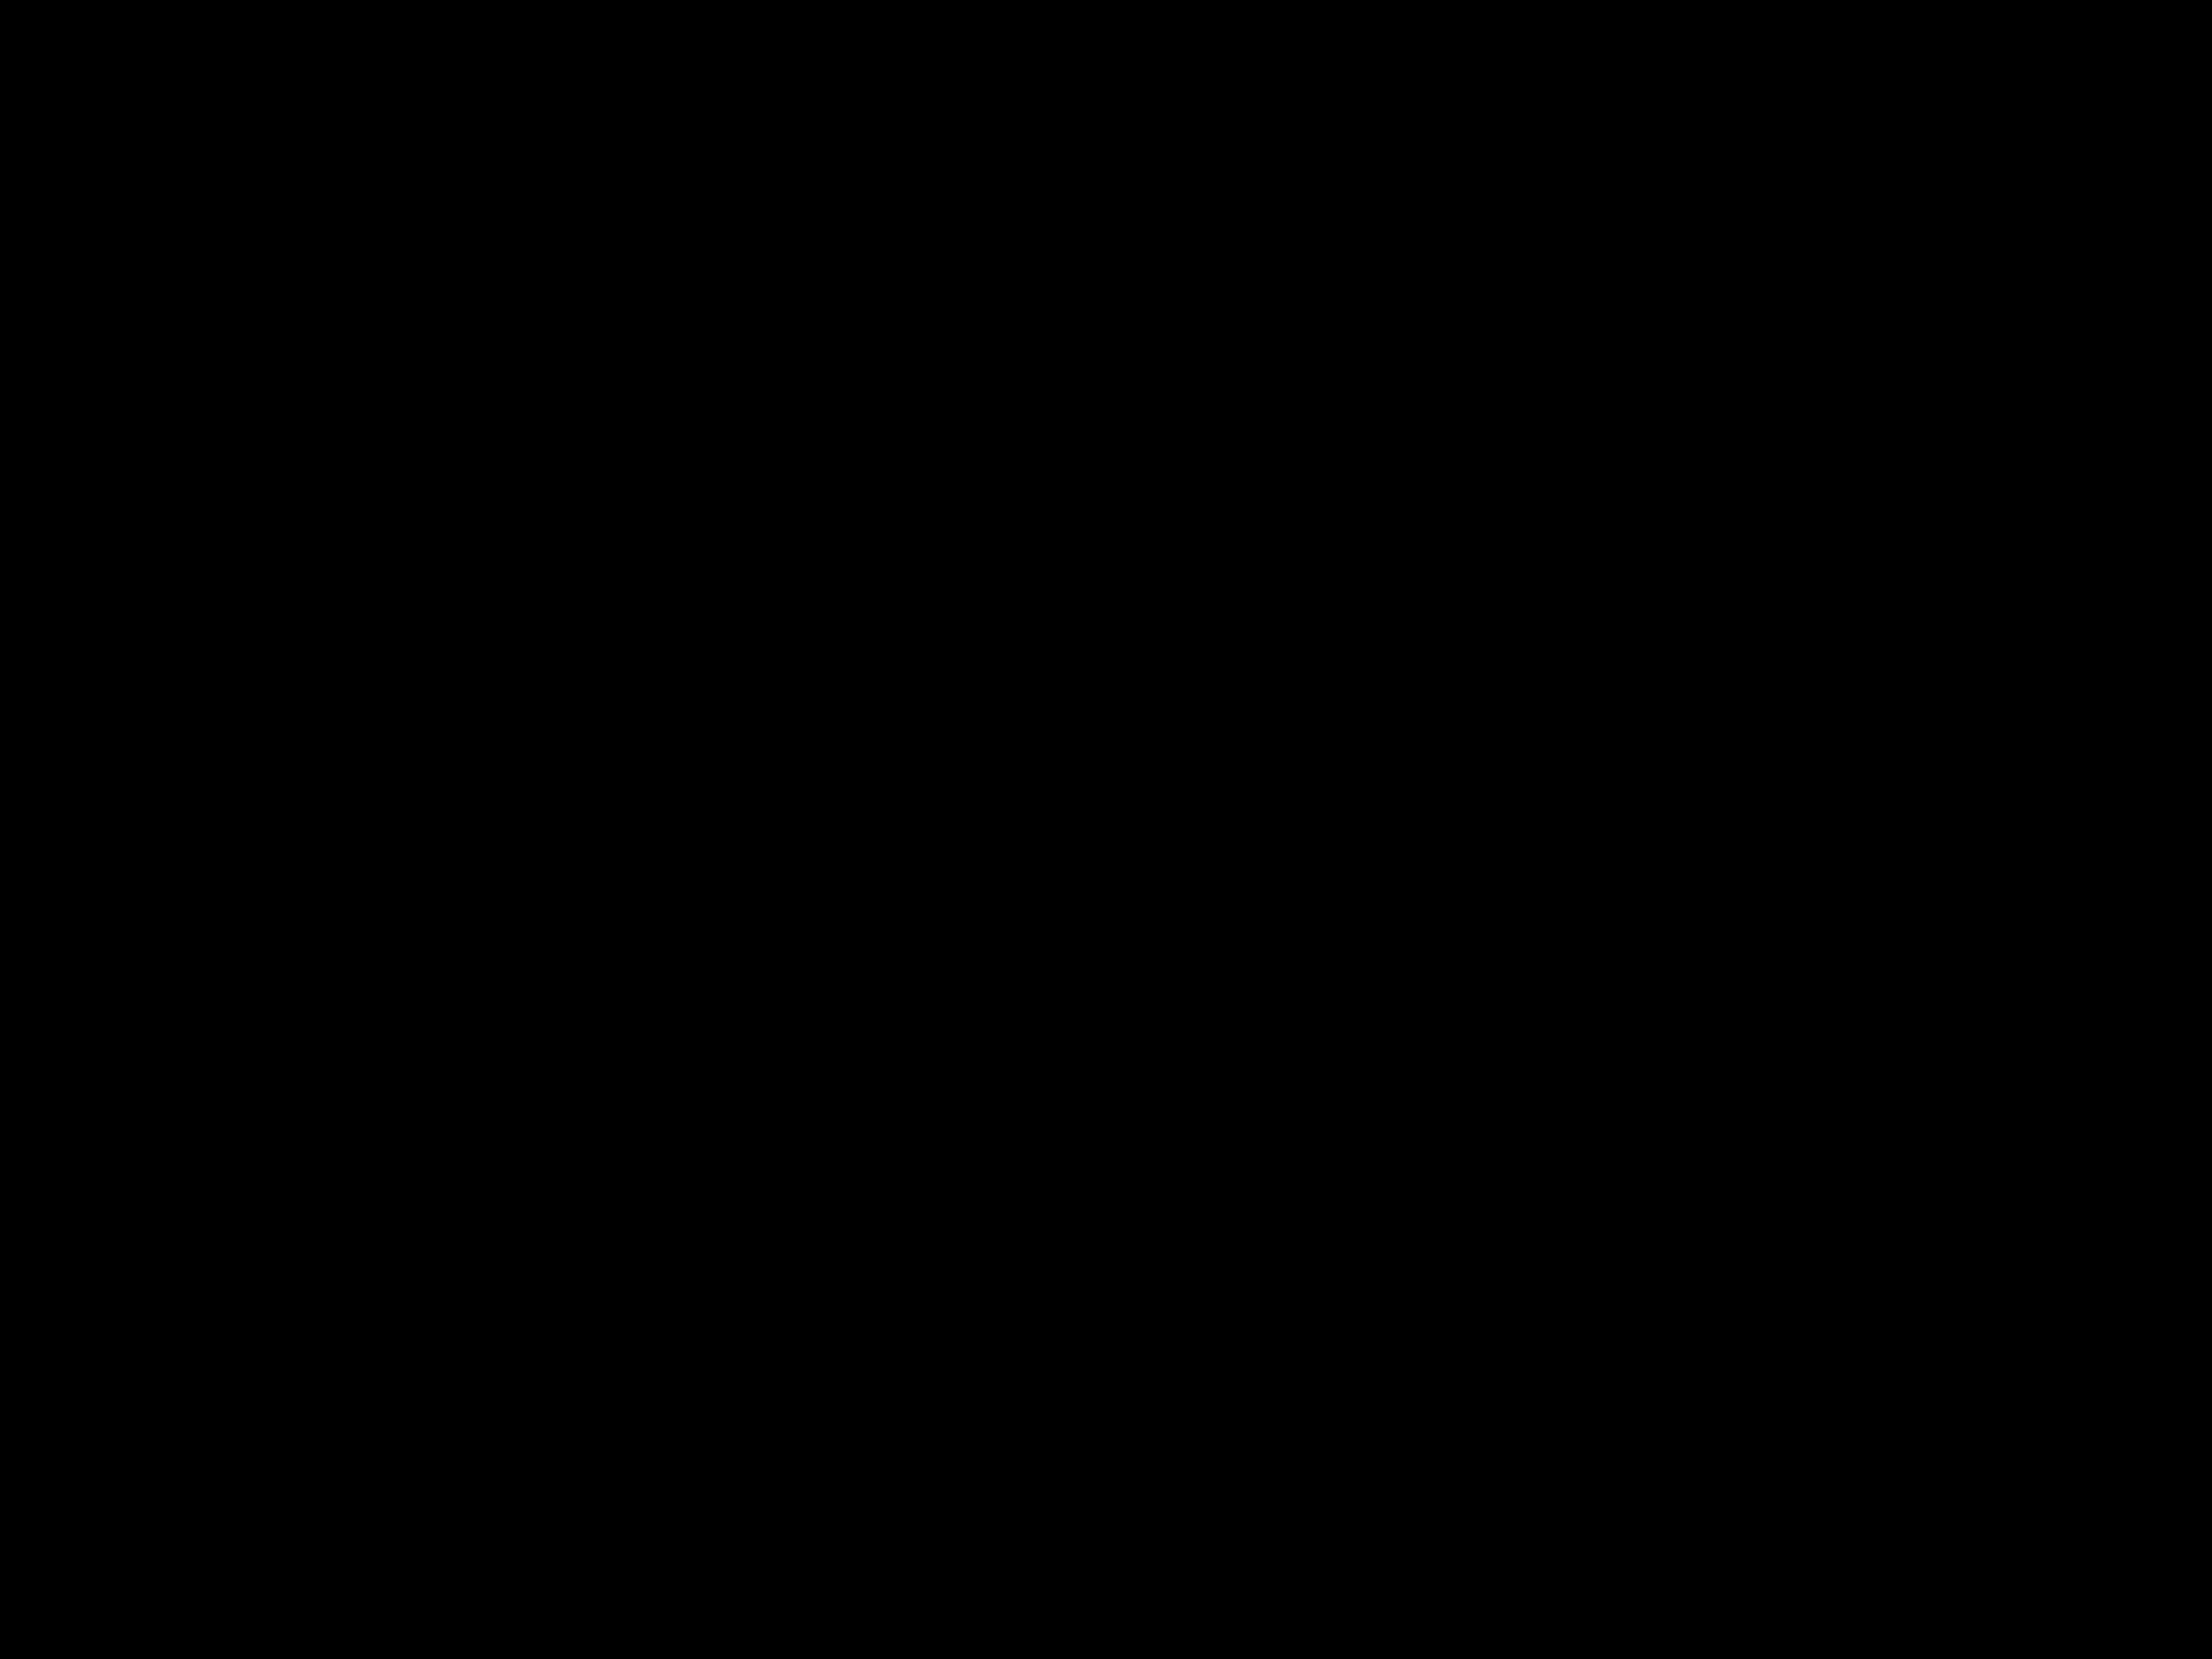 Edna s. troj's Signature